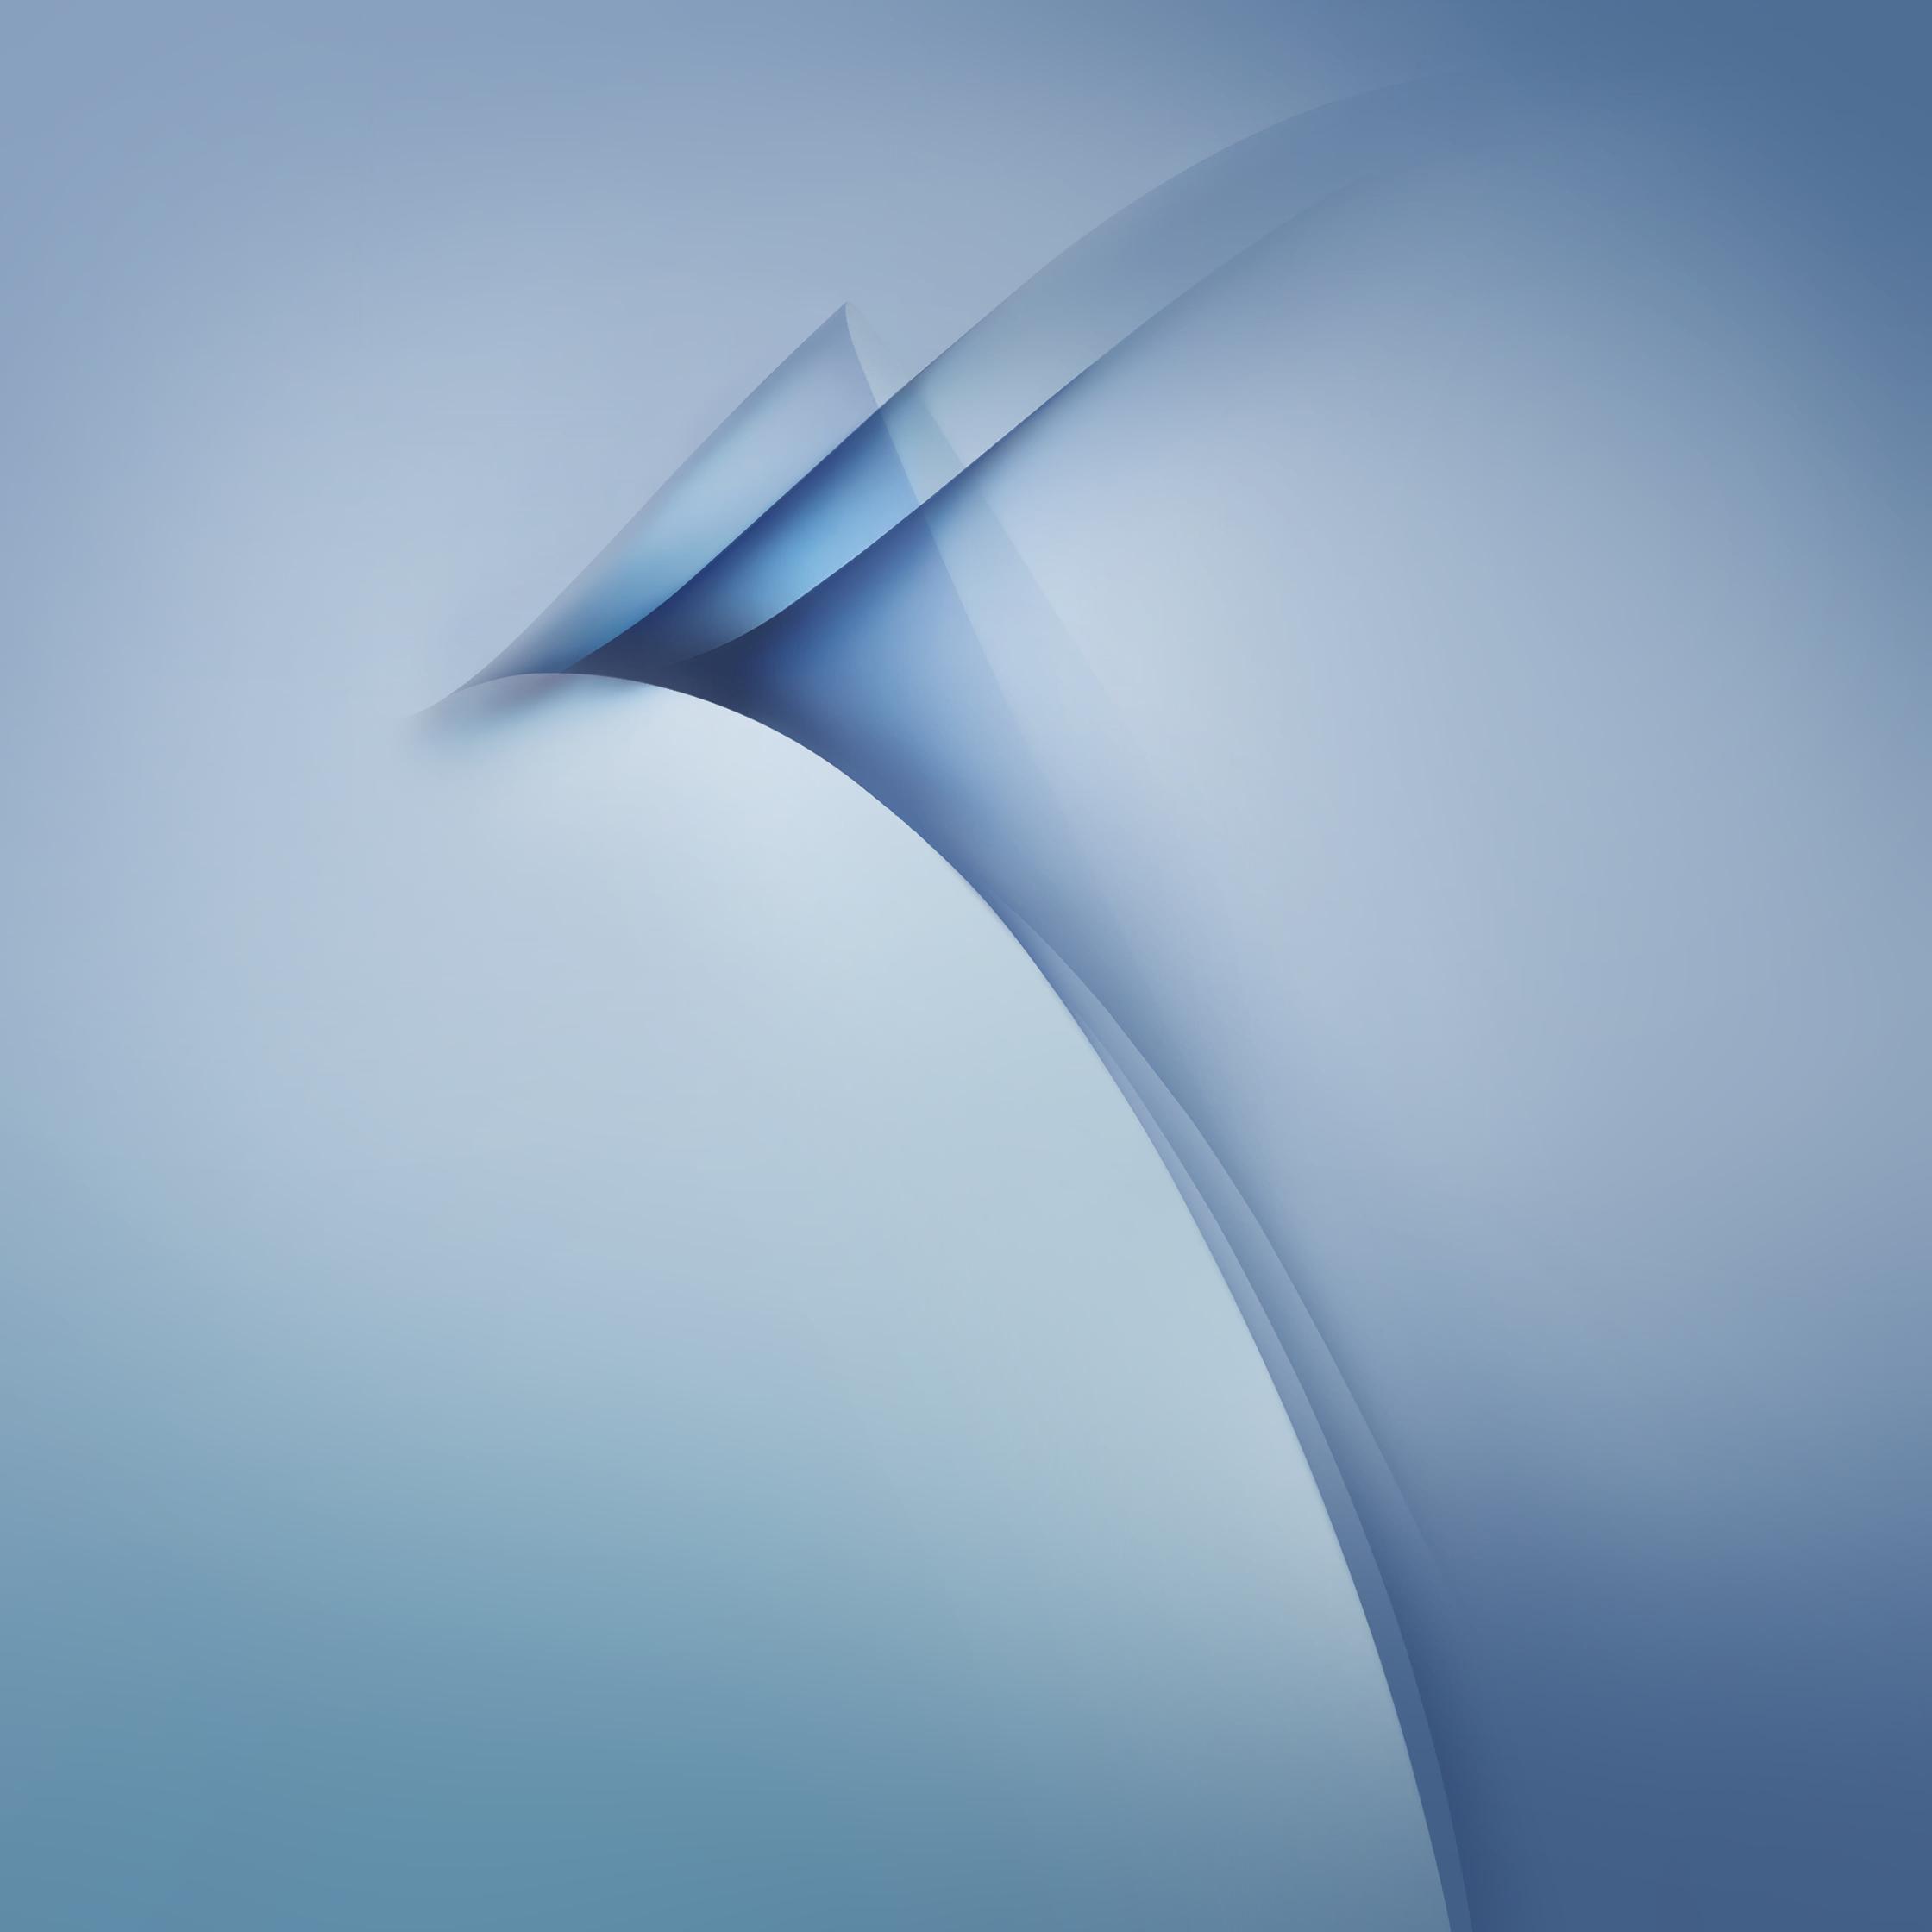 Bekannt Galaxy S7 : les fonds d'écran en téléchargement - FrAndroid QX52